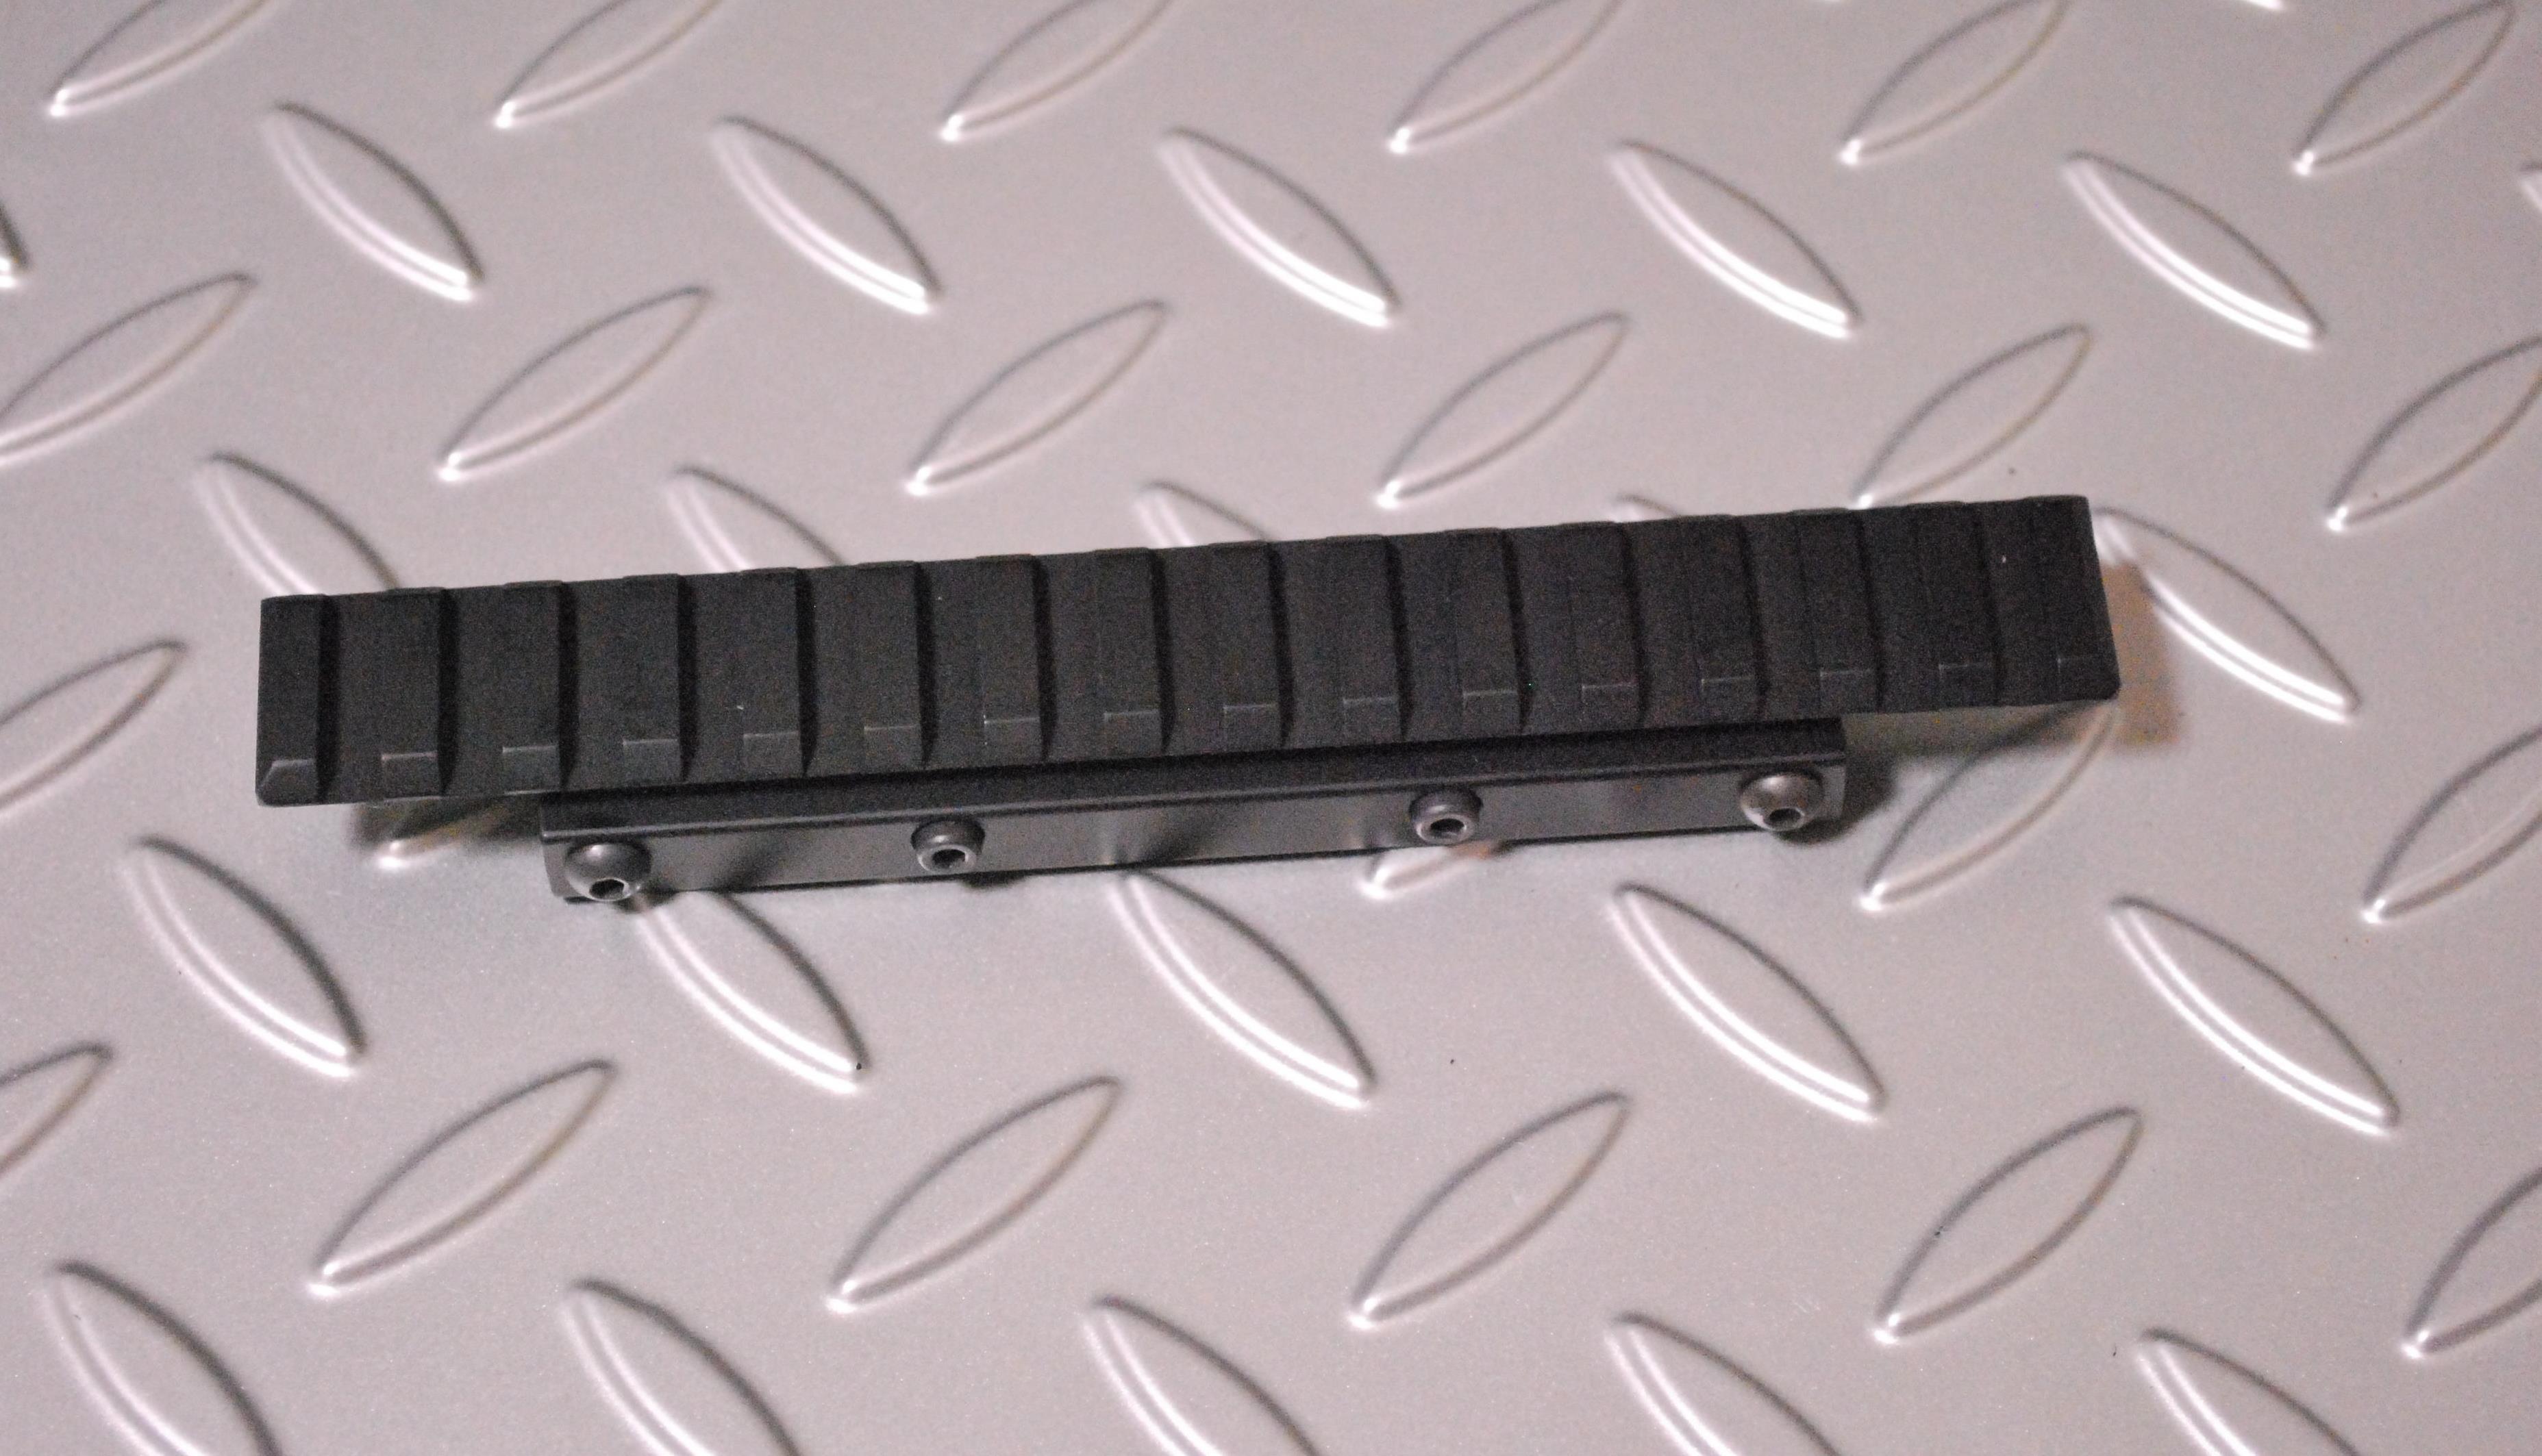 OTS 89式小銃用ロータイプマウントベース ガスブローバック89式対応